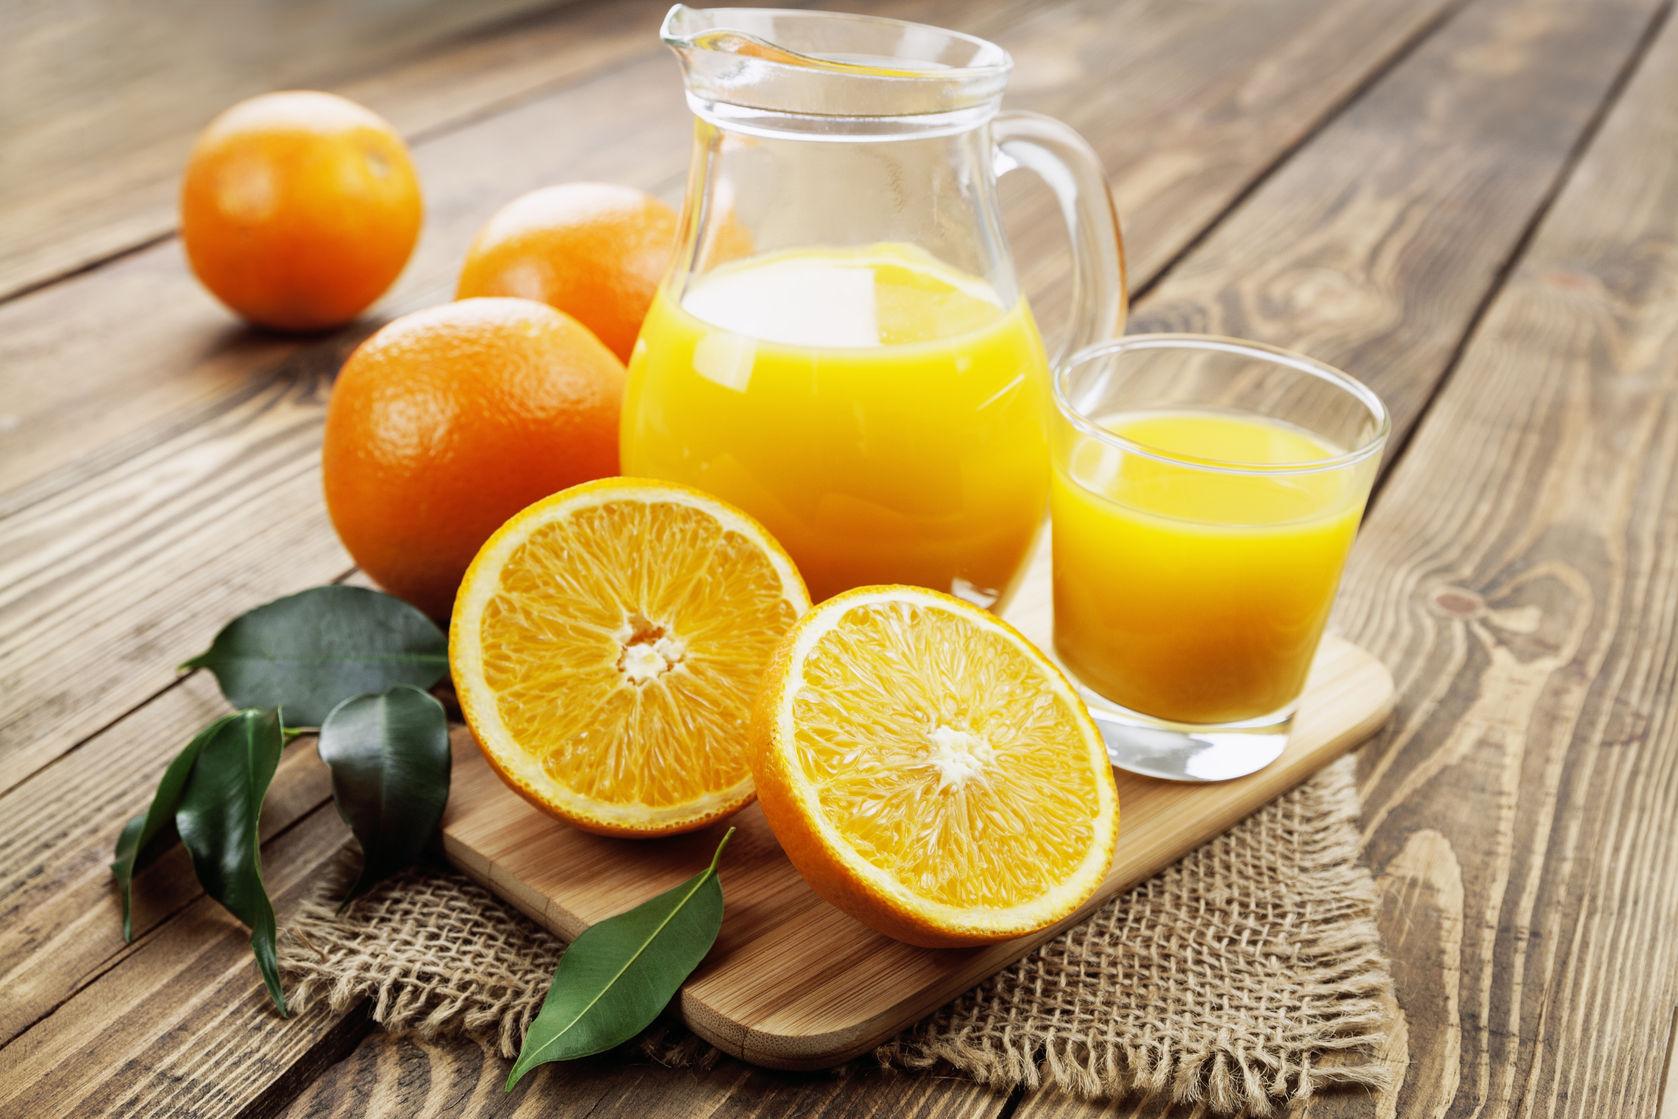 Un jugo saludable de frutos amarillos en sencillos pasos